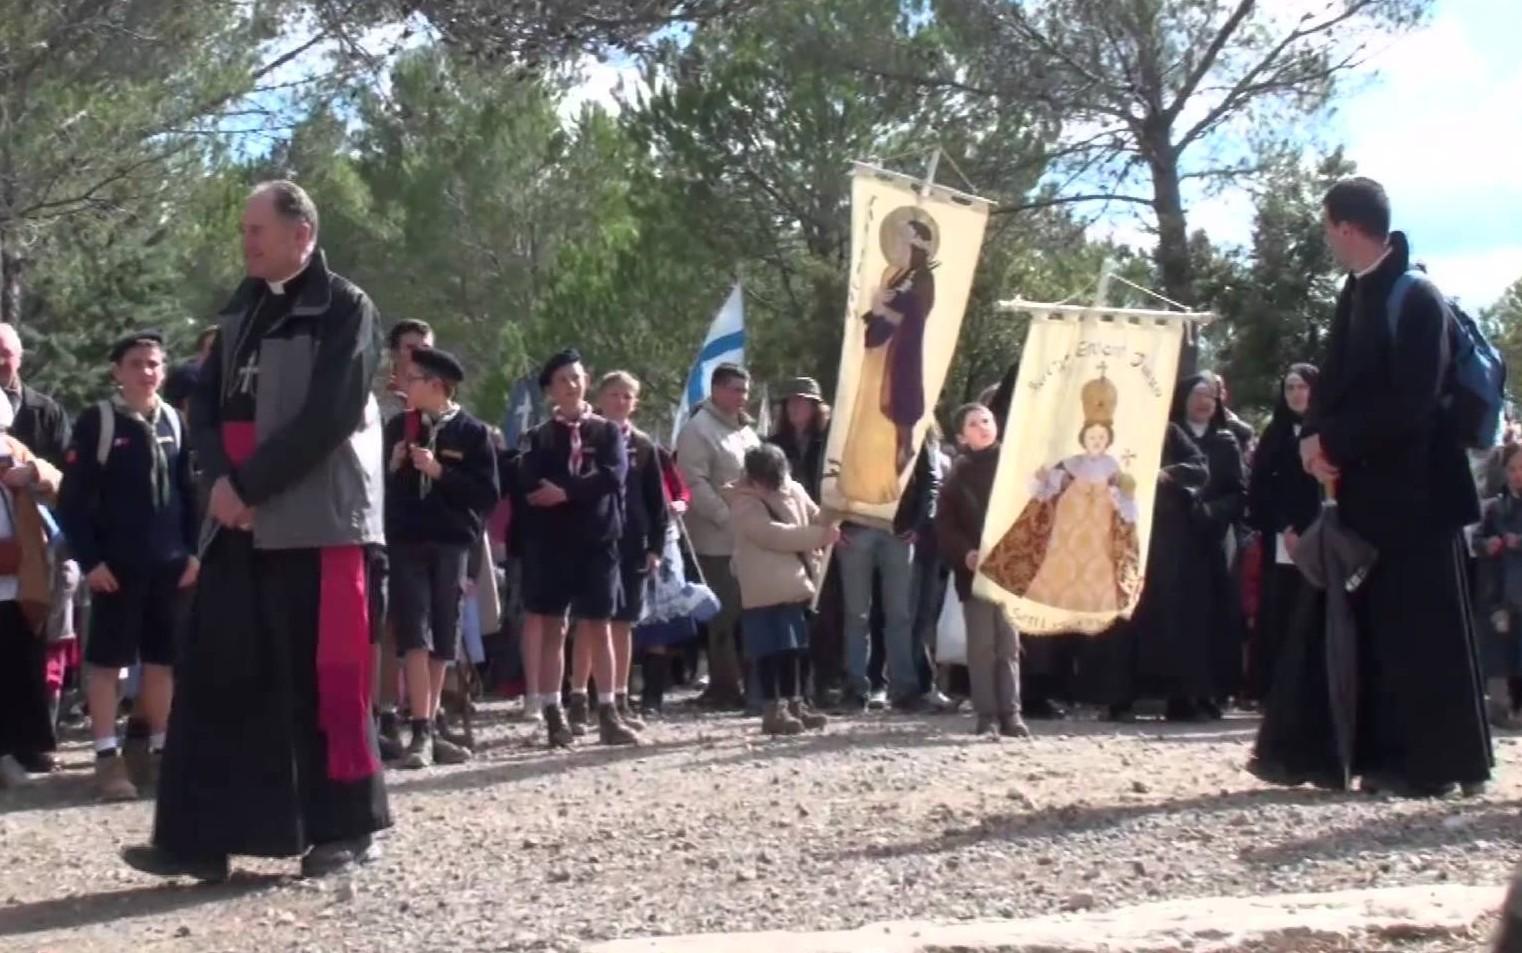 Aparición de María y San José: Nuestra Señora de las Gracias de Cotignac, Francia (10 de agosto, 7 de junio)